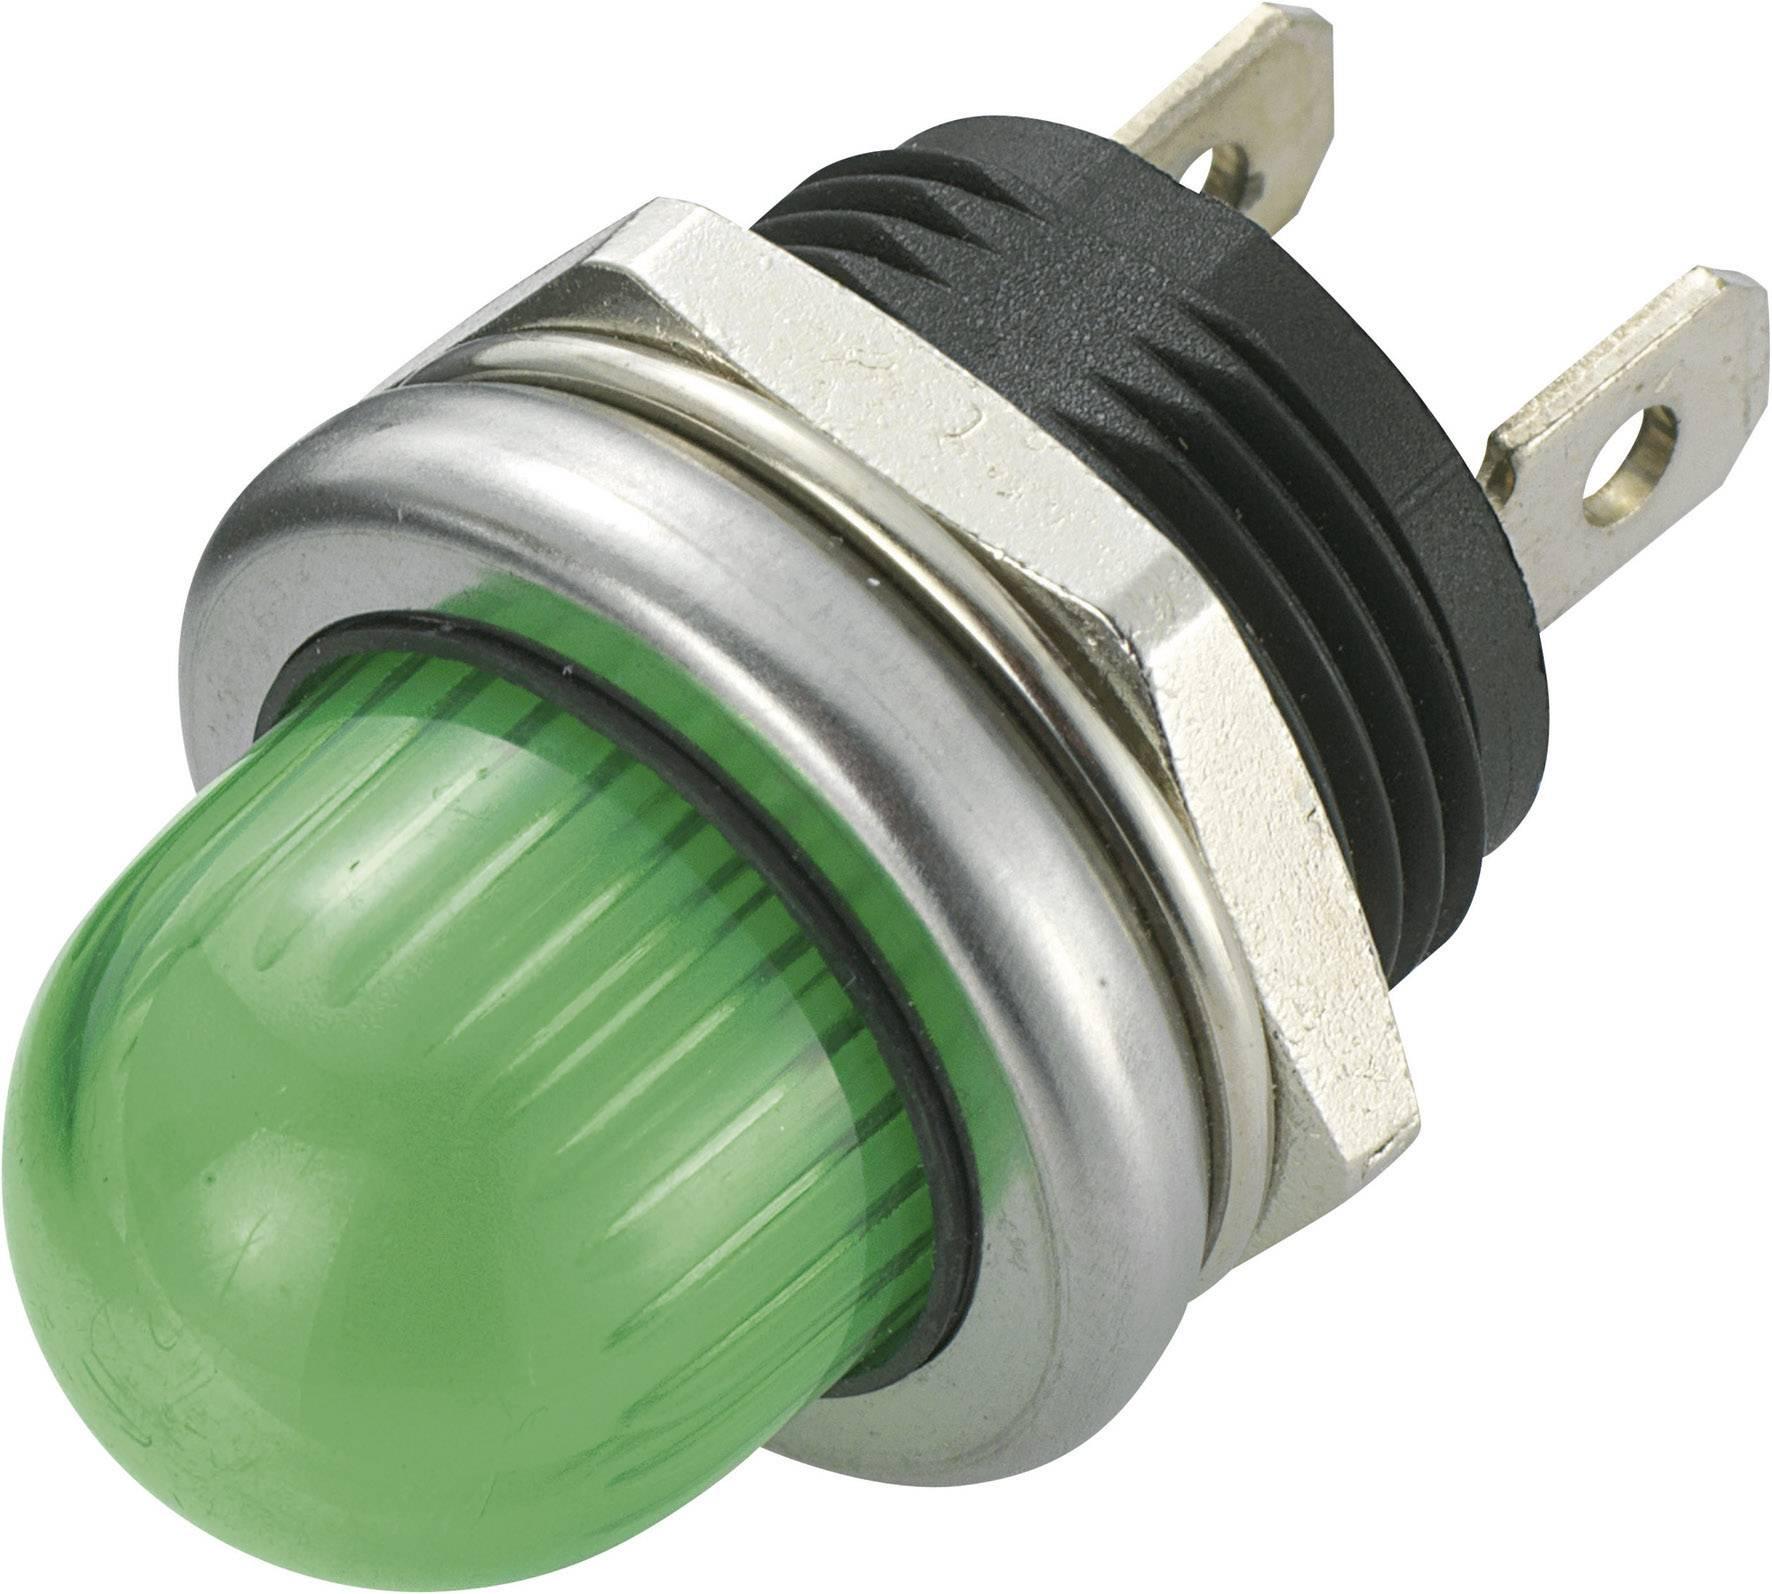 IndikačnéLED SCI R9-105L1-02-WGG4, 12 V/DC, zelená